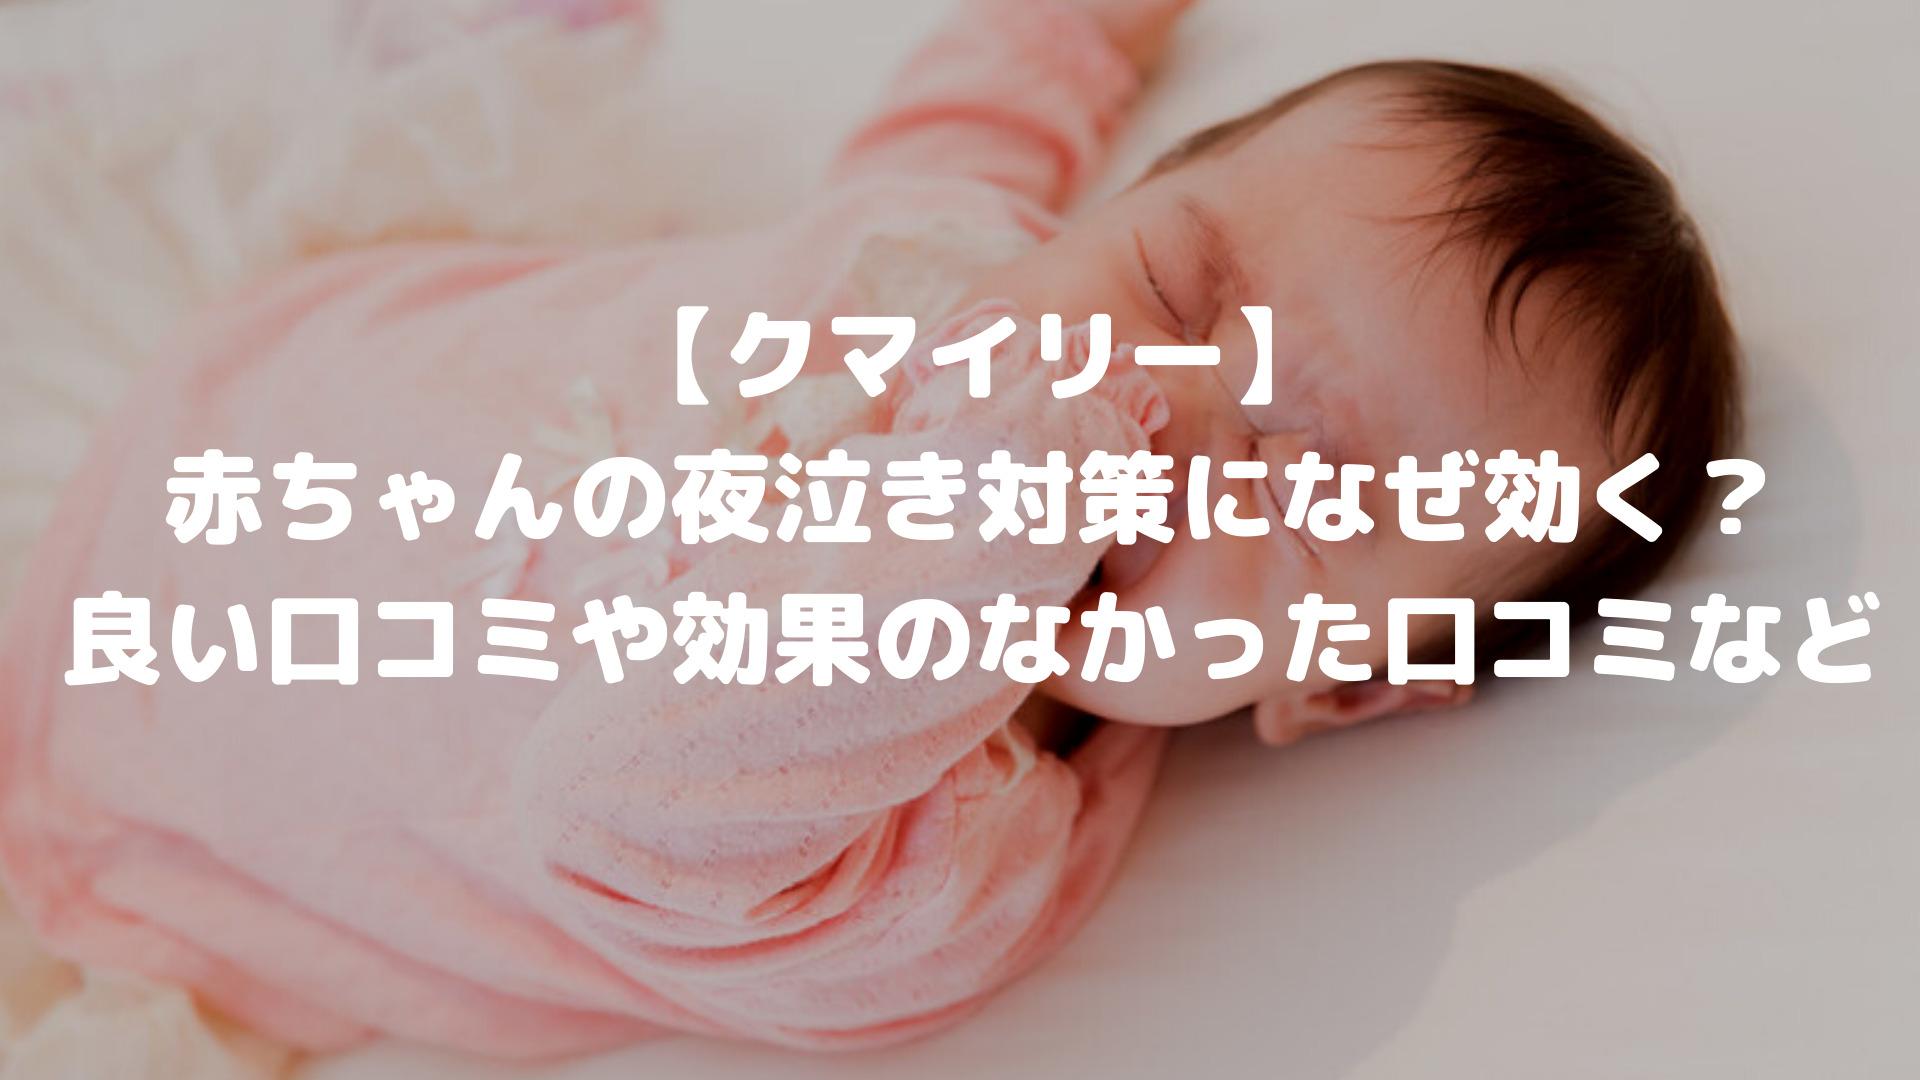 【クマイリー】赤ちゃんの夜泣き対策になぜ効く?良い口コミや効果のなかった口コミなど